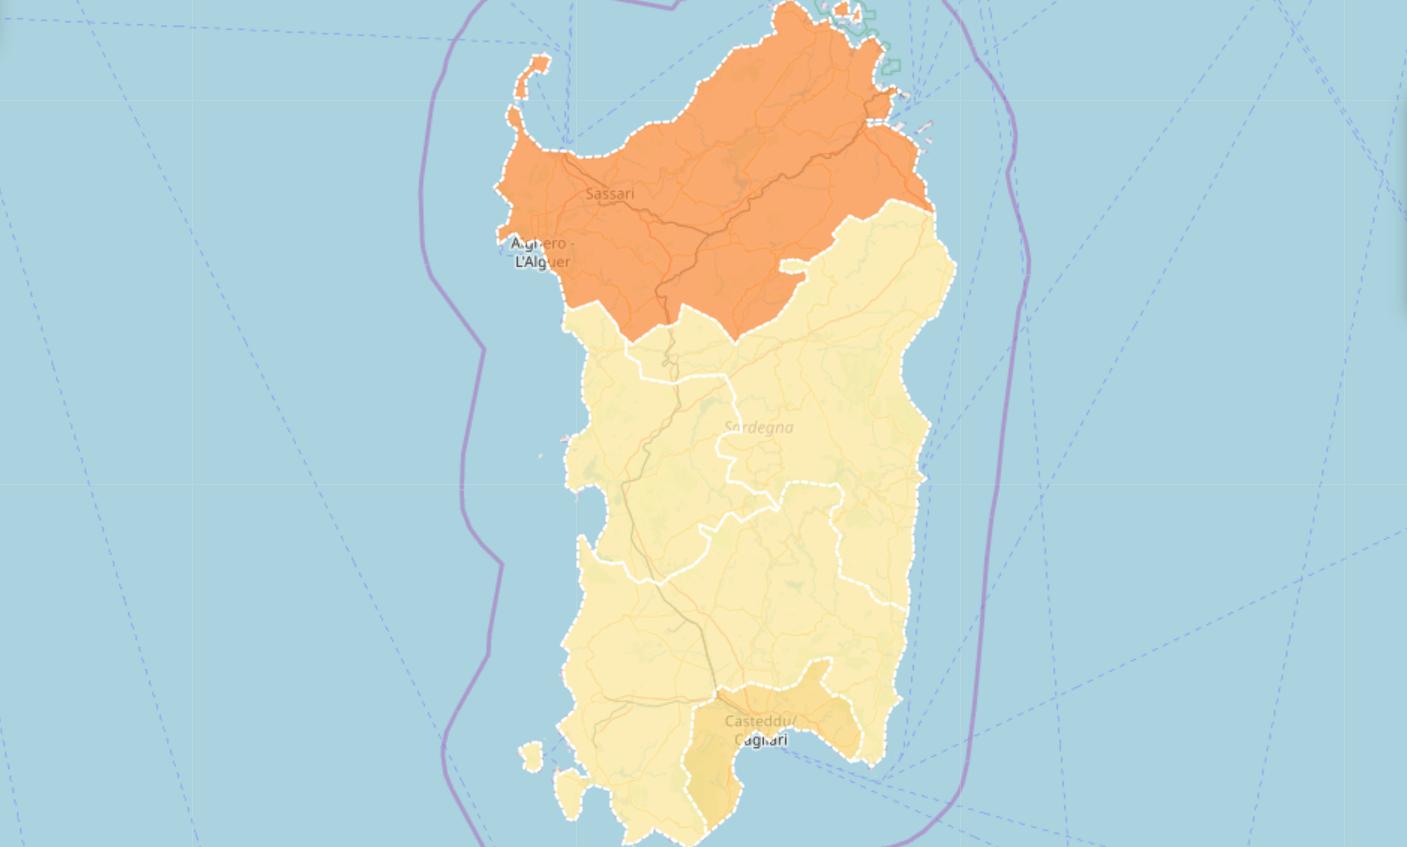 Cartina Politica Sardegna 2017.L Emergenza Coronavirus In Sardegna Mappa Dei Contagi I Dati Ufficiali Sardiniapost It